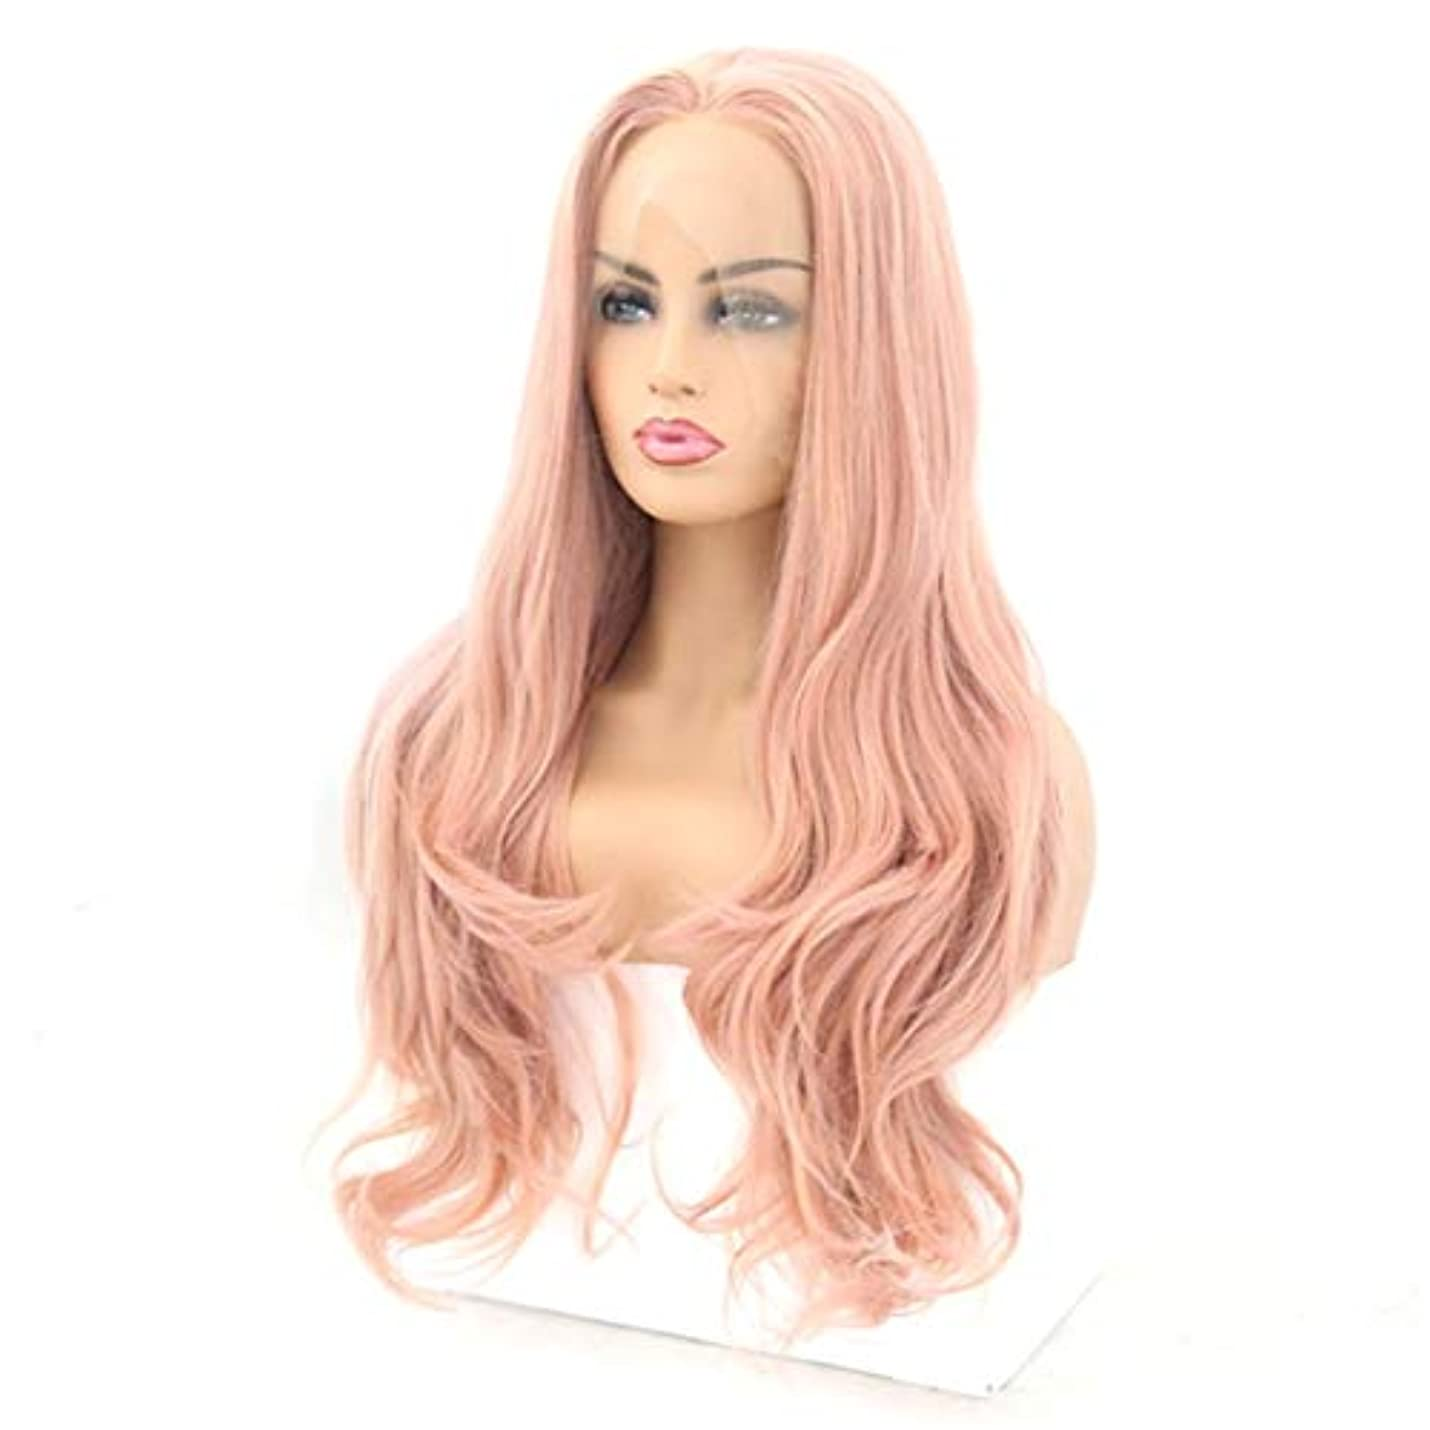 感じびっくり不格好Kerwinner フロントレースかつら長い巻き毛のかつら合成のカラフルなコスプレ日常パーティーかつら本物の髪として自然な女性のためのかつら